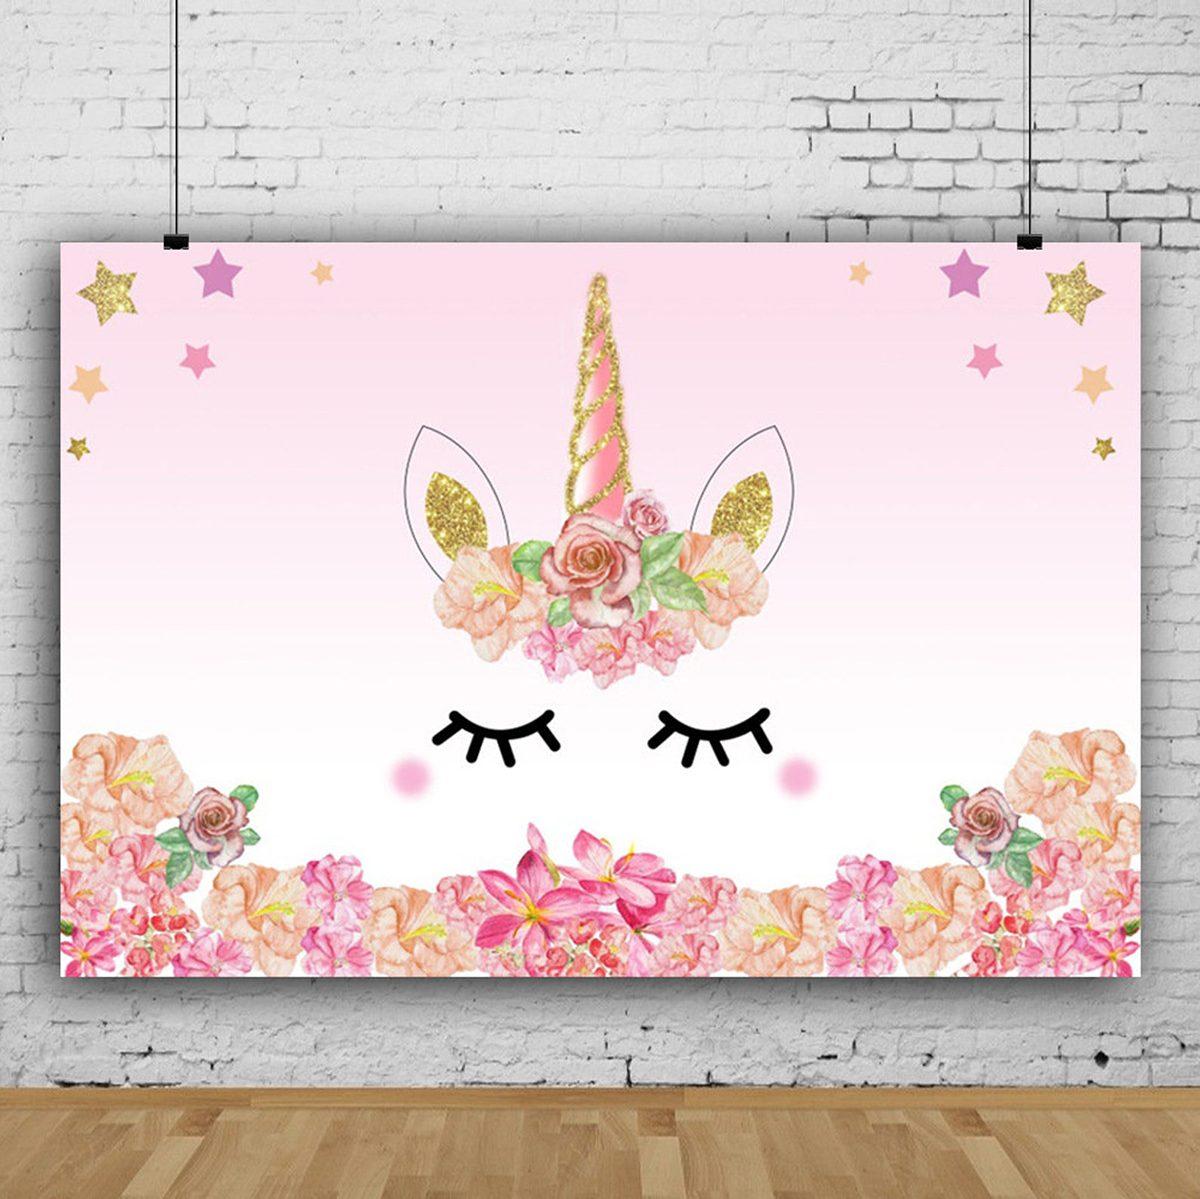 Unicorn Party Backdrop 5x3ft, Unicorn Eyelashes, Stars, Flowers, Birthday Party Backdrop, Unicorn Party, Unicorn Decor, Adult Unicorn Party